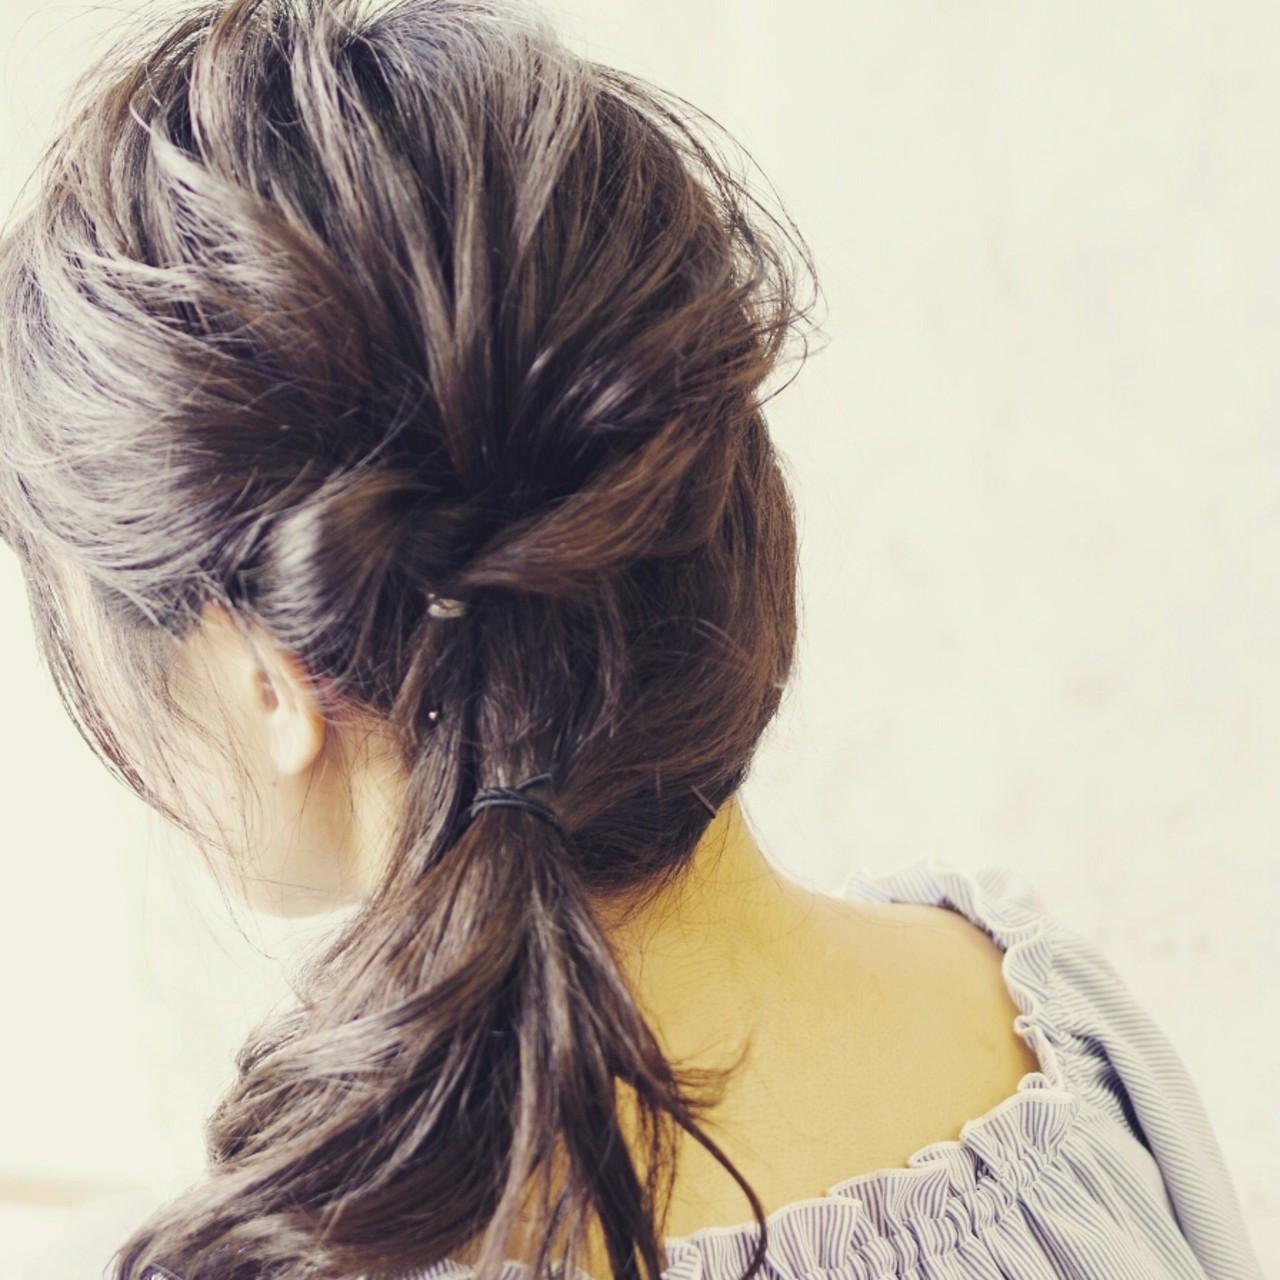 ヘアアレンジ ゆるふわ ハーフアップ ミディアム ヘアスタイルや髪型の写真・画像